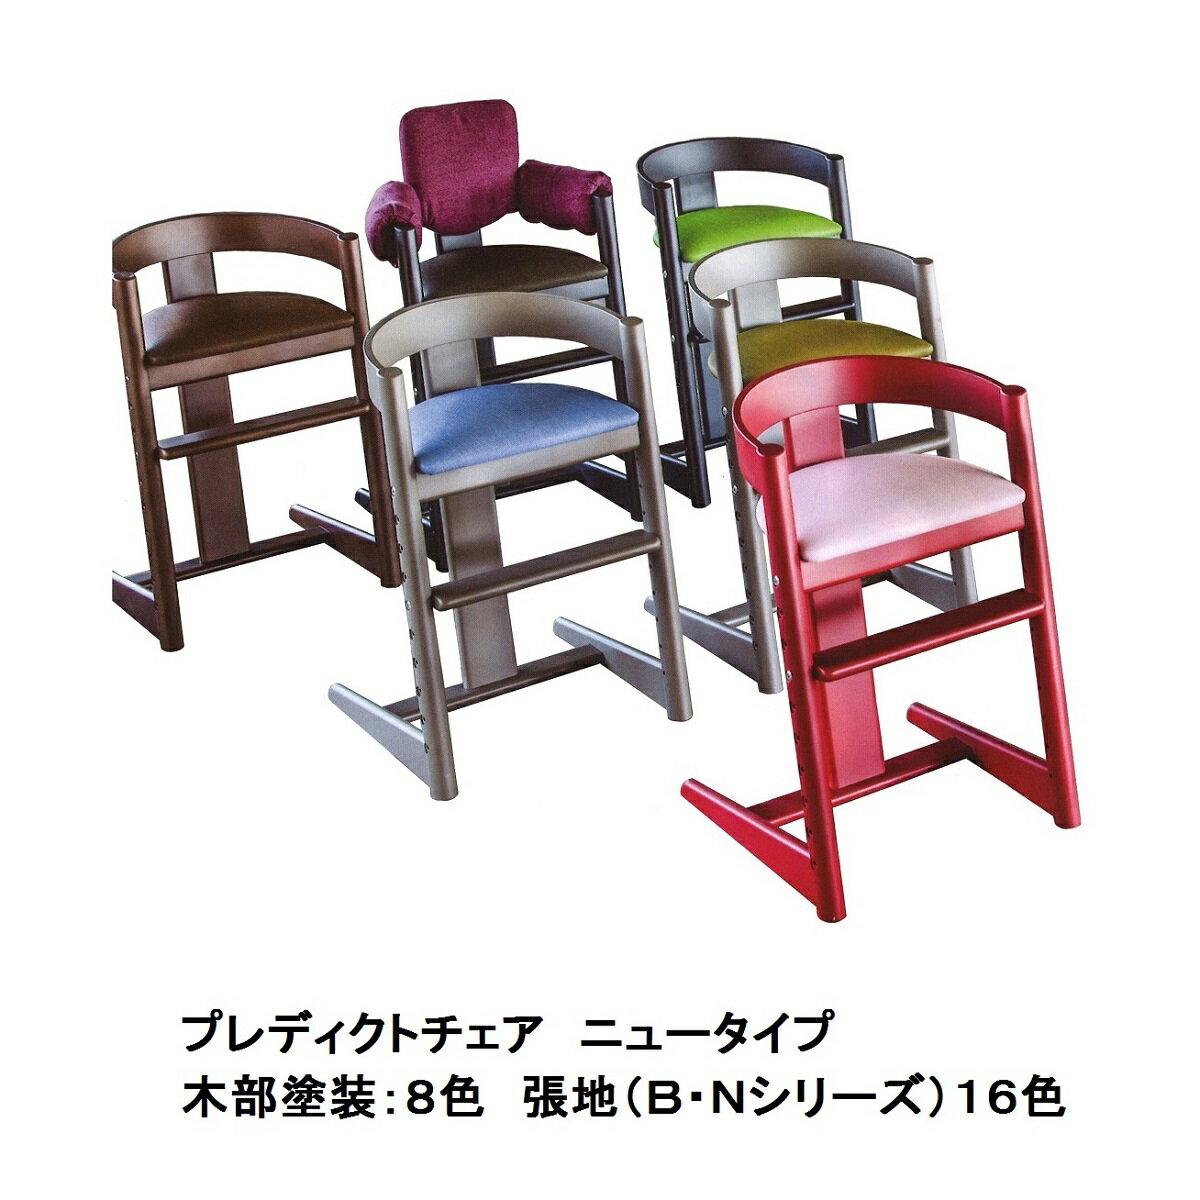 飛騨高山ベビーチェアpredeict chair(プレディクトチェア)成長後も使えるから結局お得木地色8色シート16色クッション8色(別売)受注生産 注文後キャンセル不可送料無料(沖縄、北海道、離島は除く)次回入荷7月初旬〜